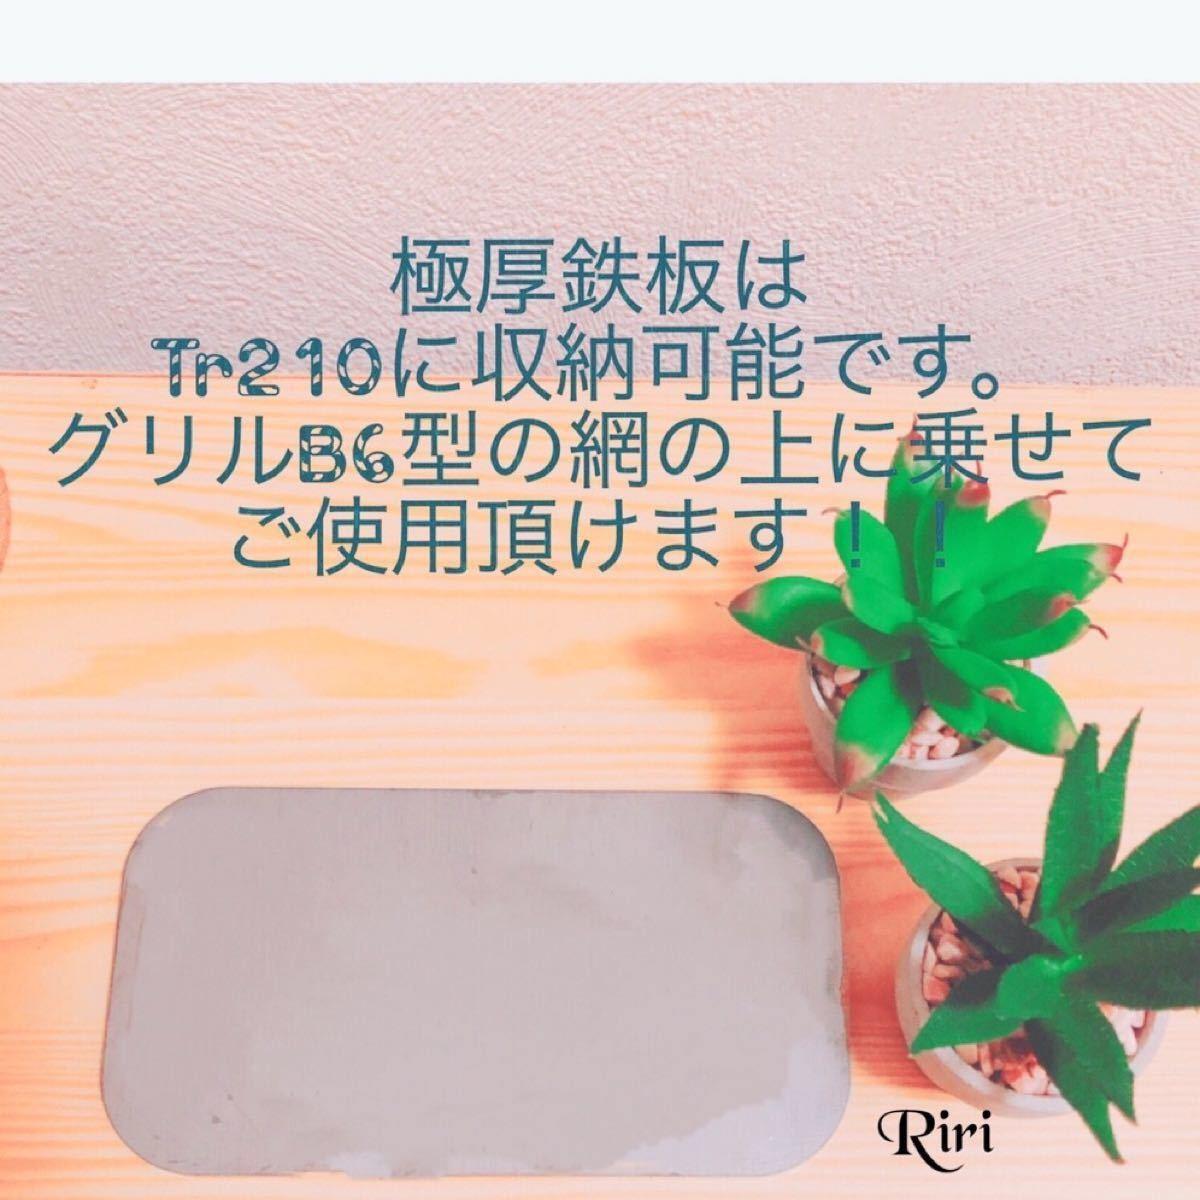 鉄板/メスティン /DAISO/トランギア/スモール単品/穴ナシ鉄板/アウトドア/キャンプ